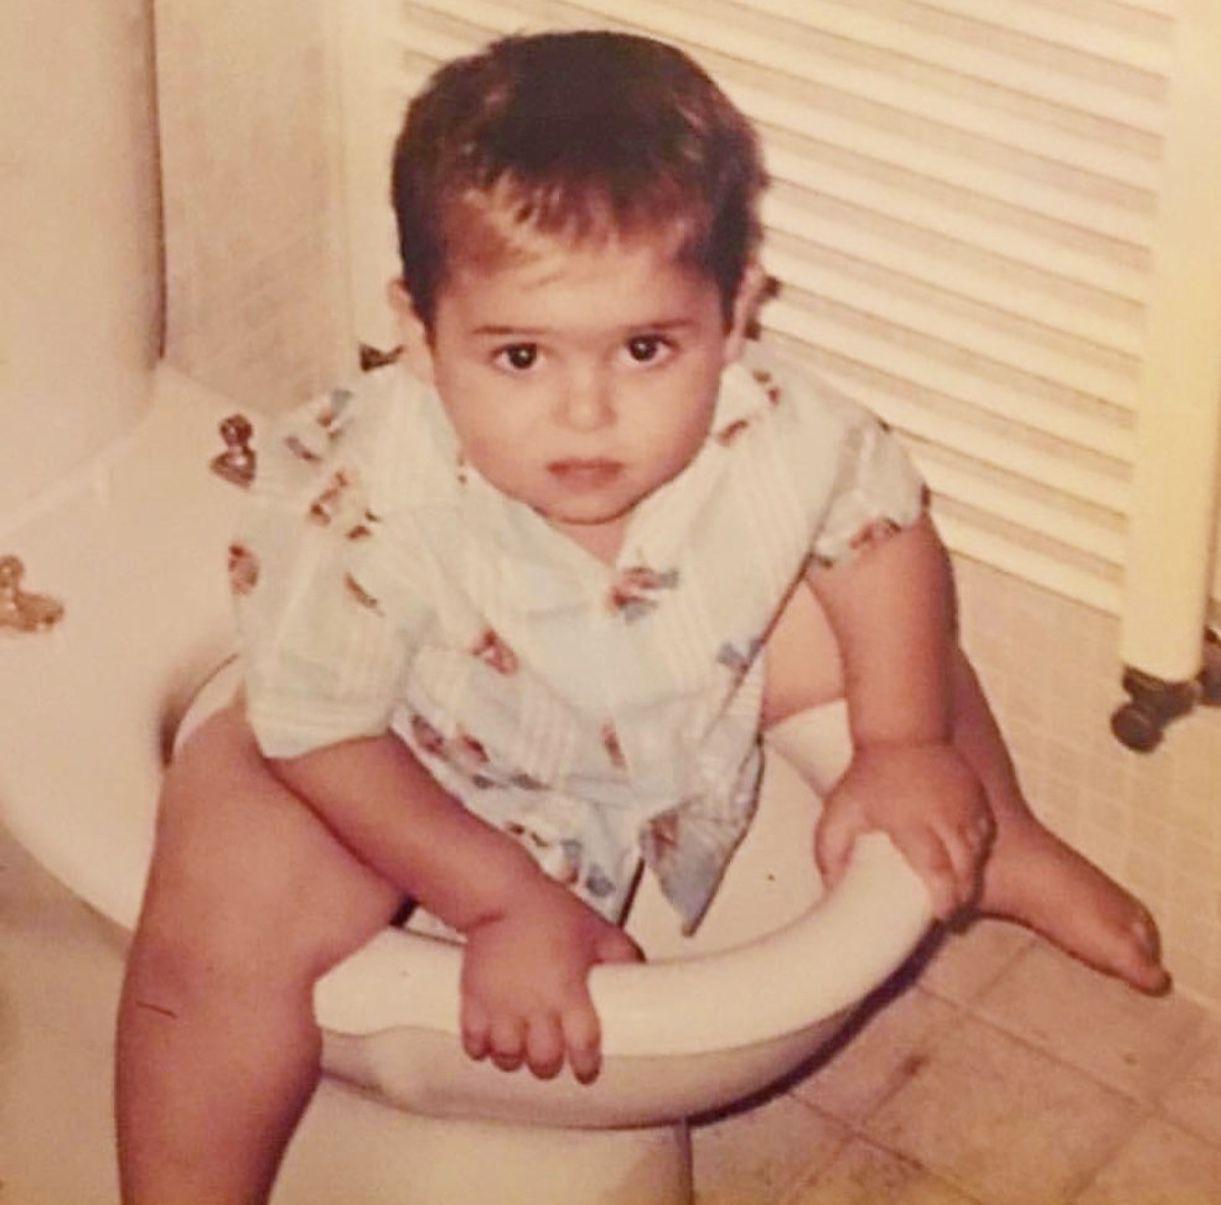 الوليد الحلاني حين كان طفلًا